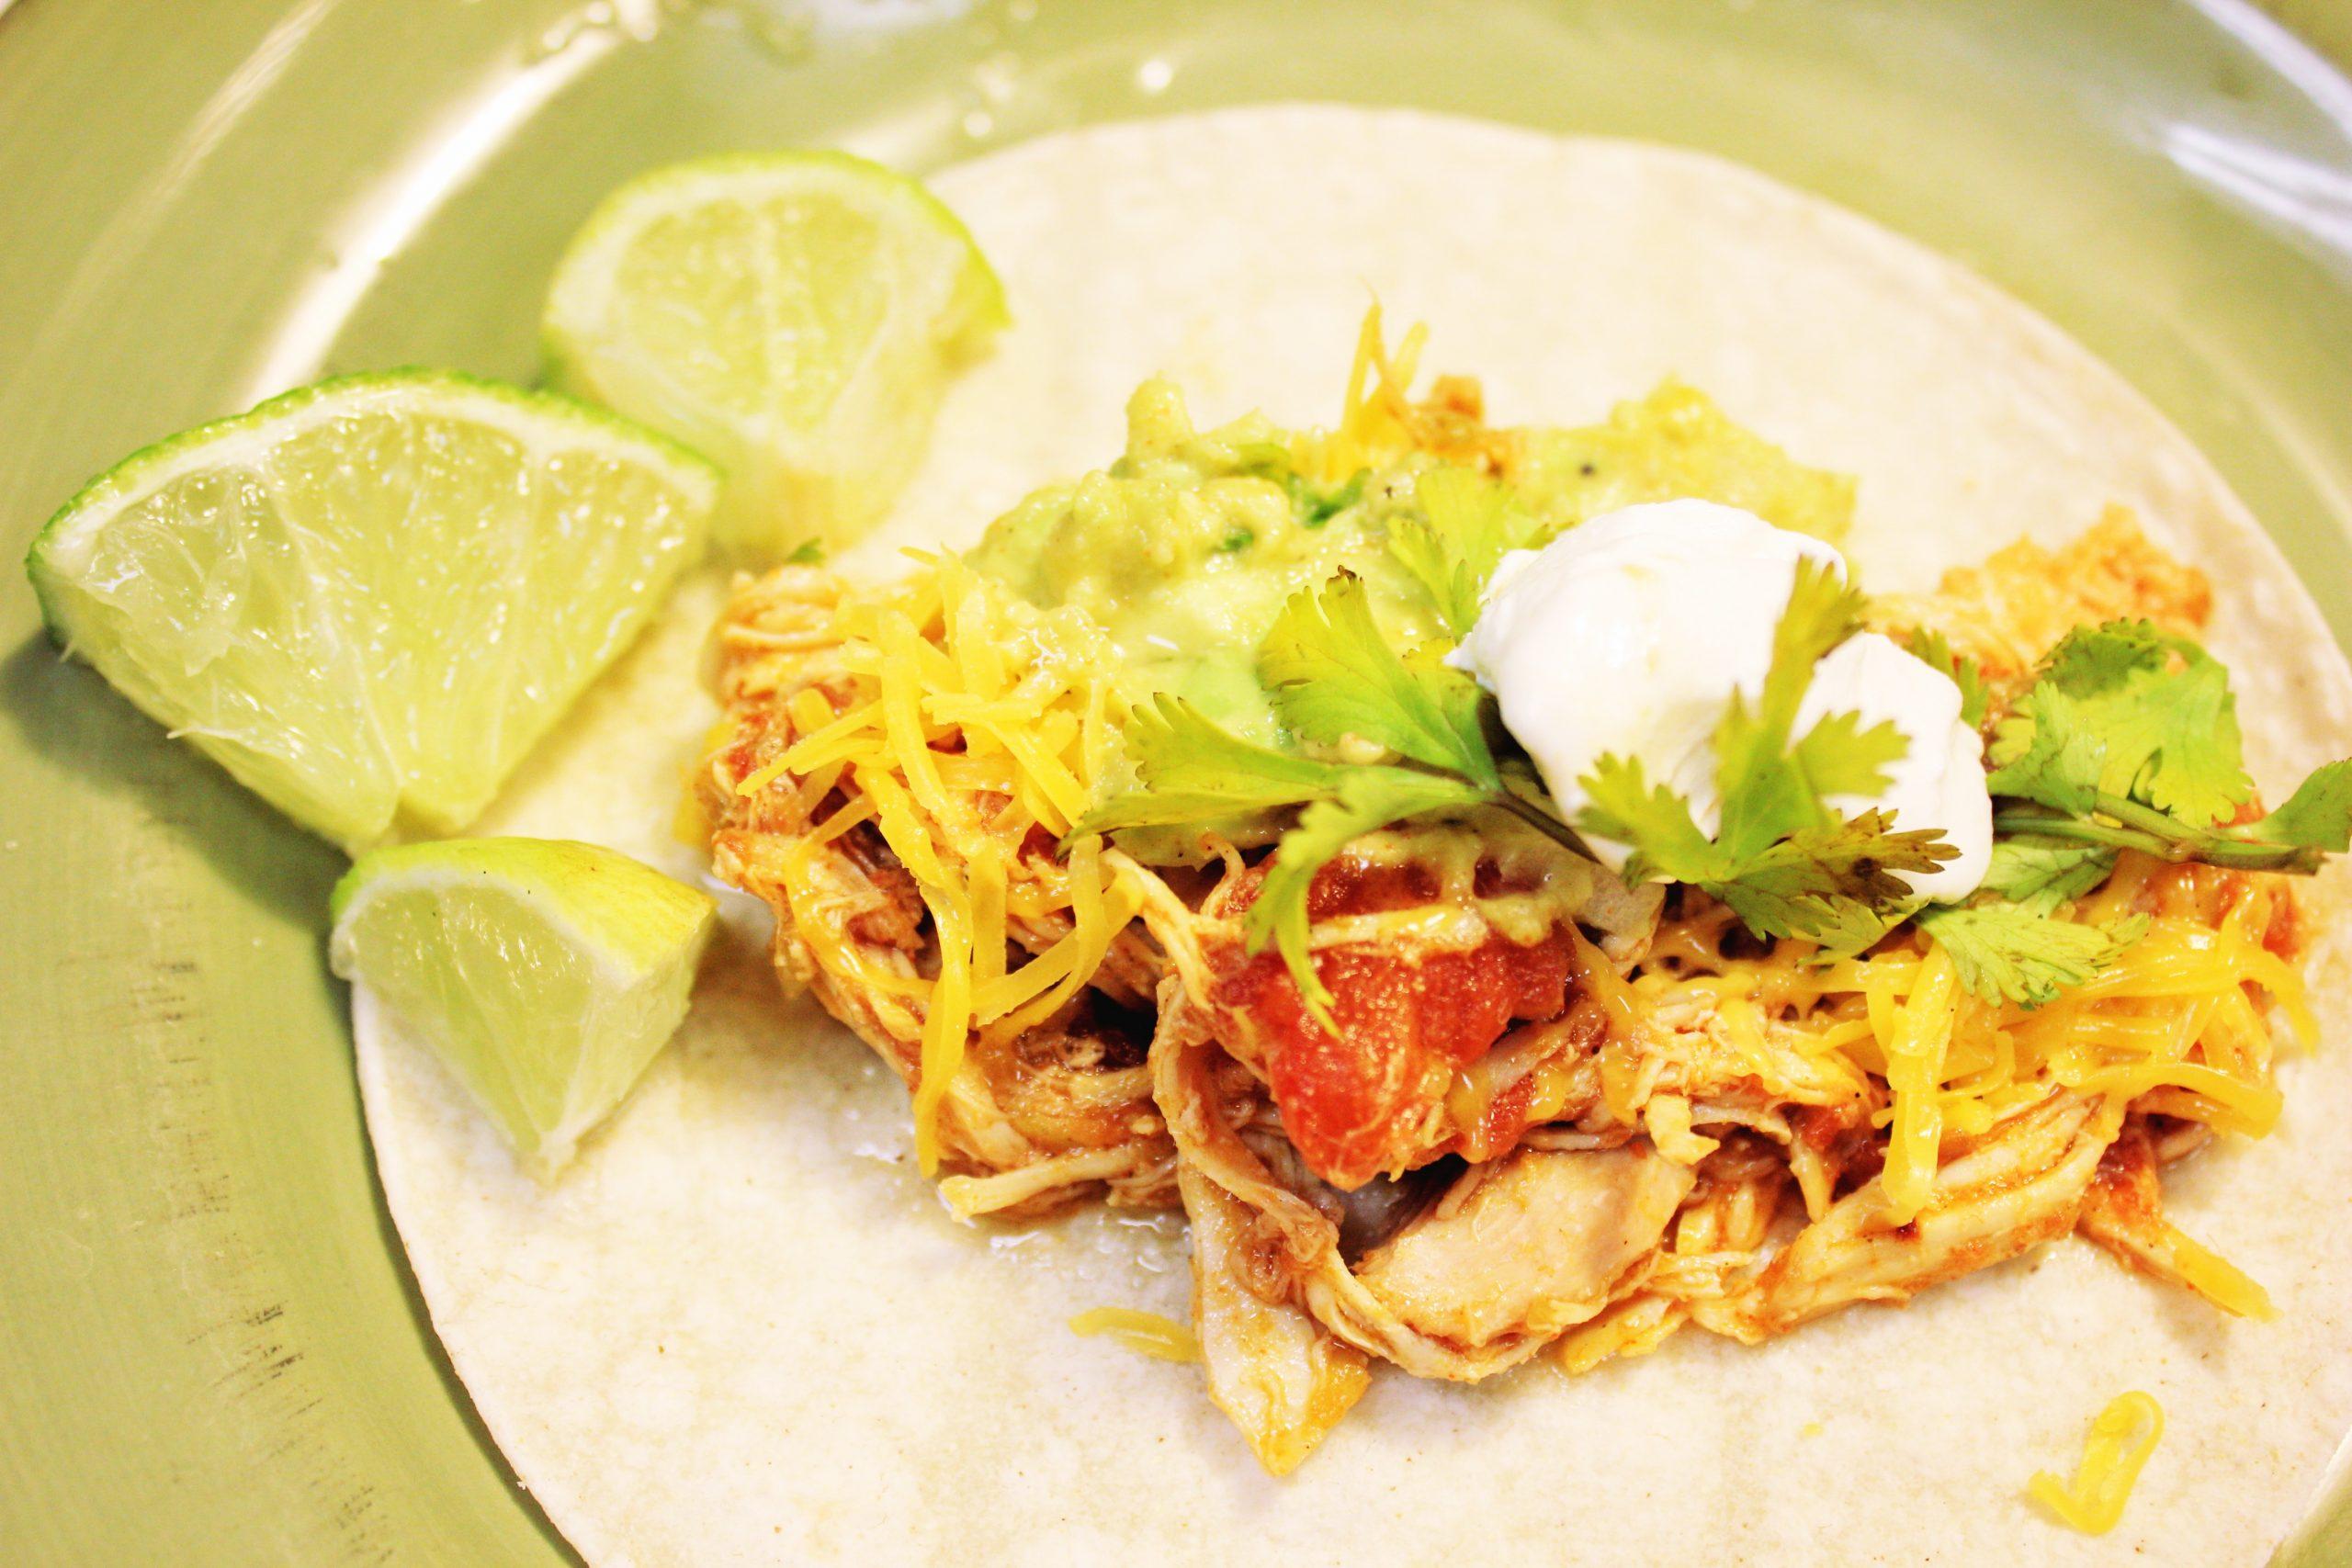 4-Ingredient Slow Cooker Chicken Tacos